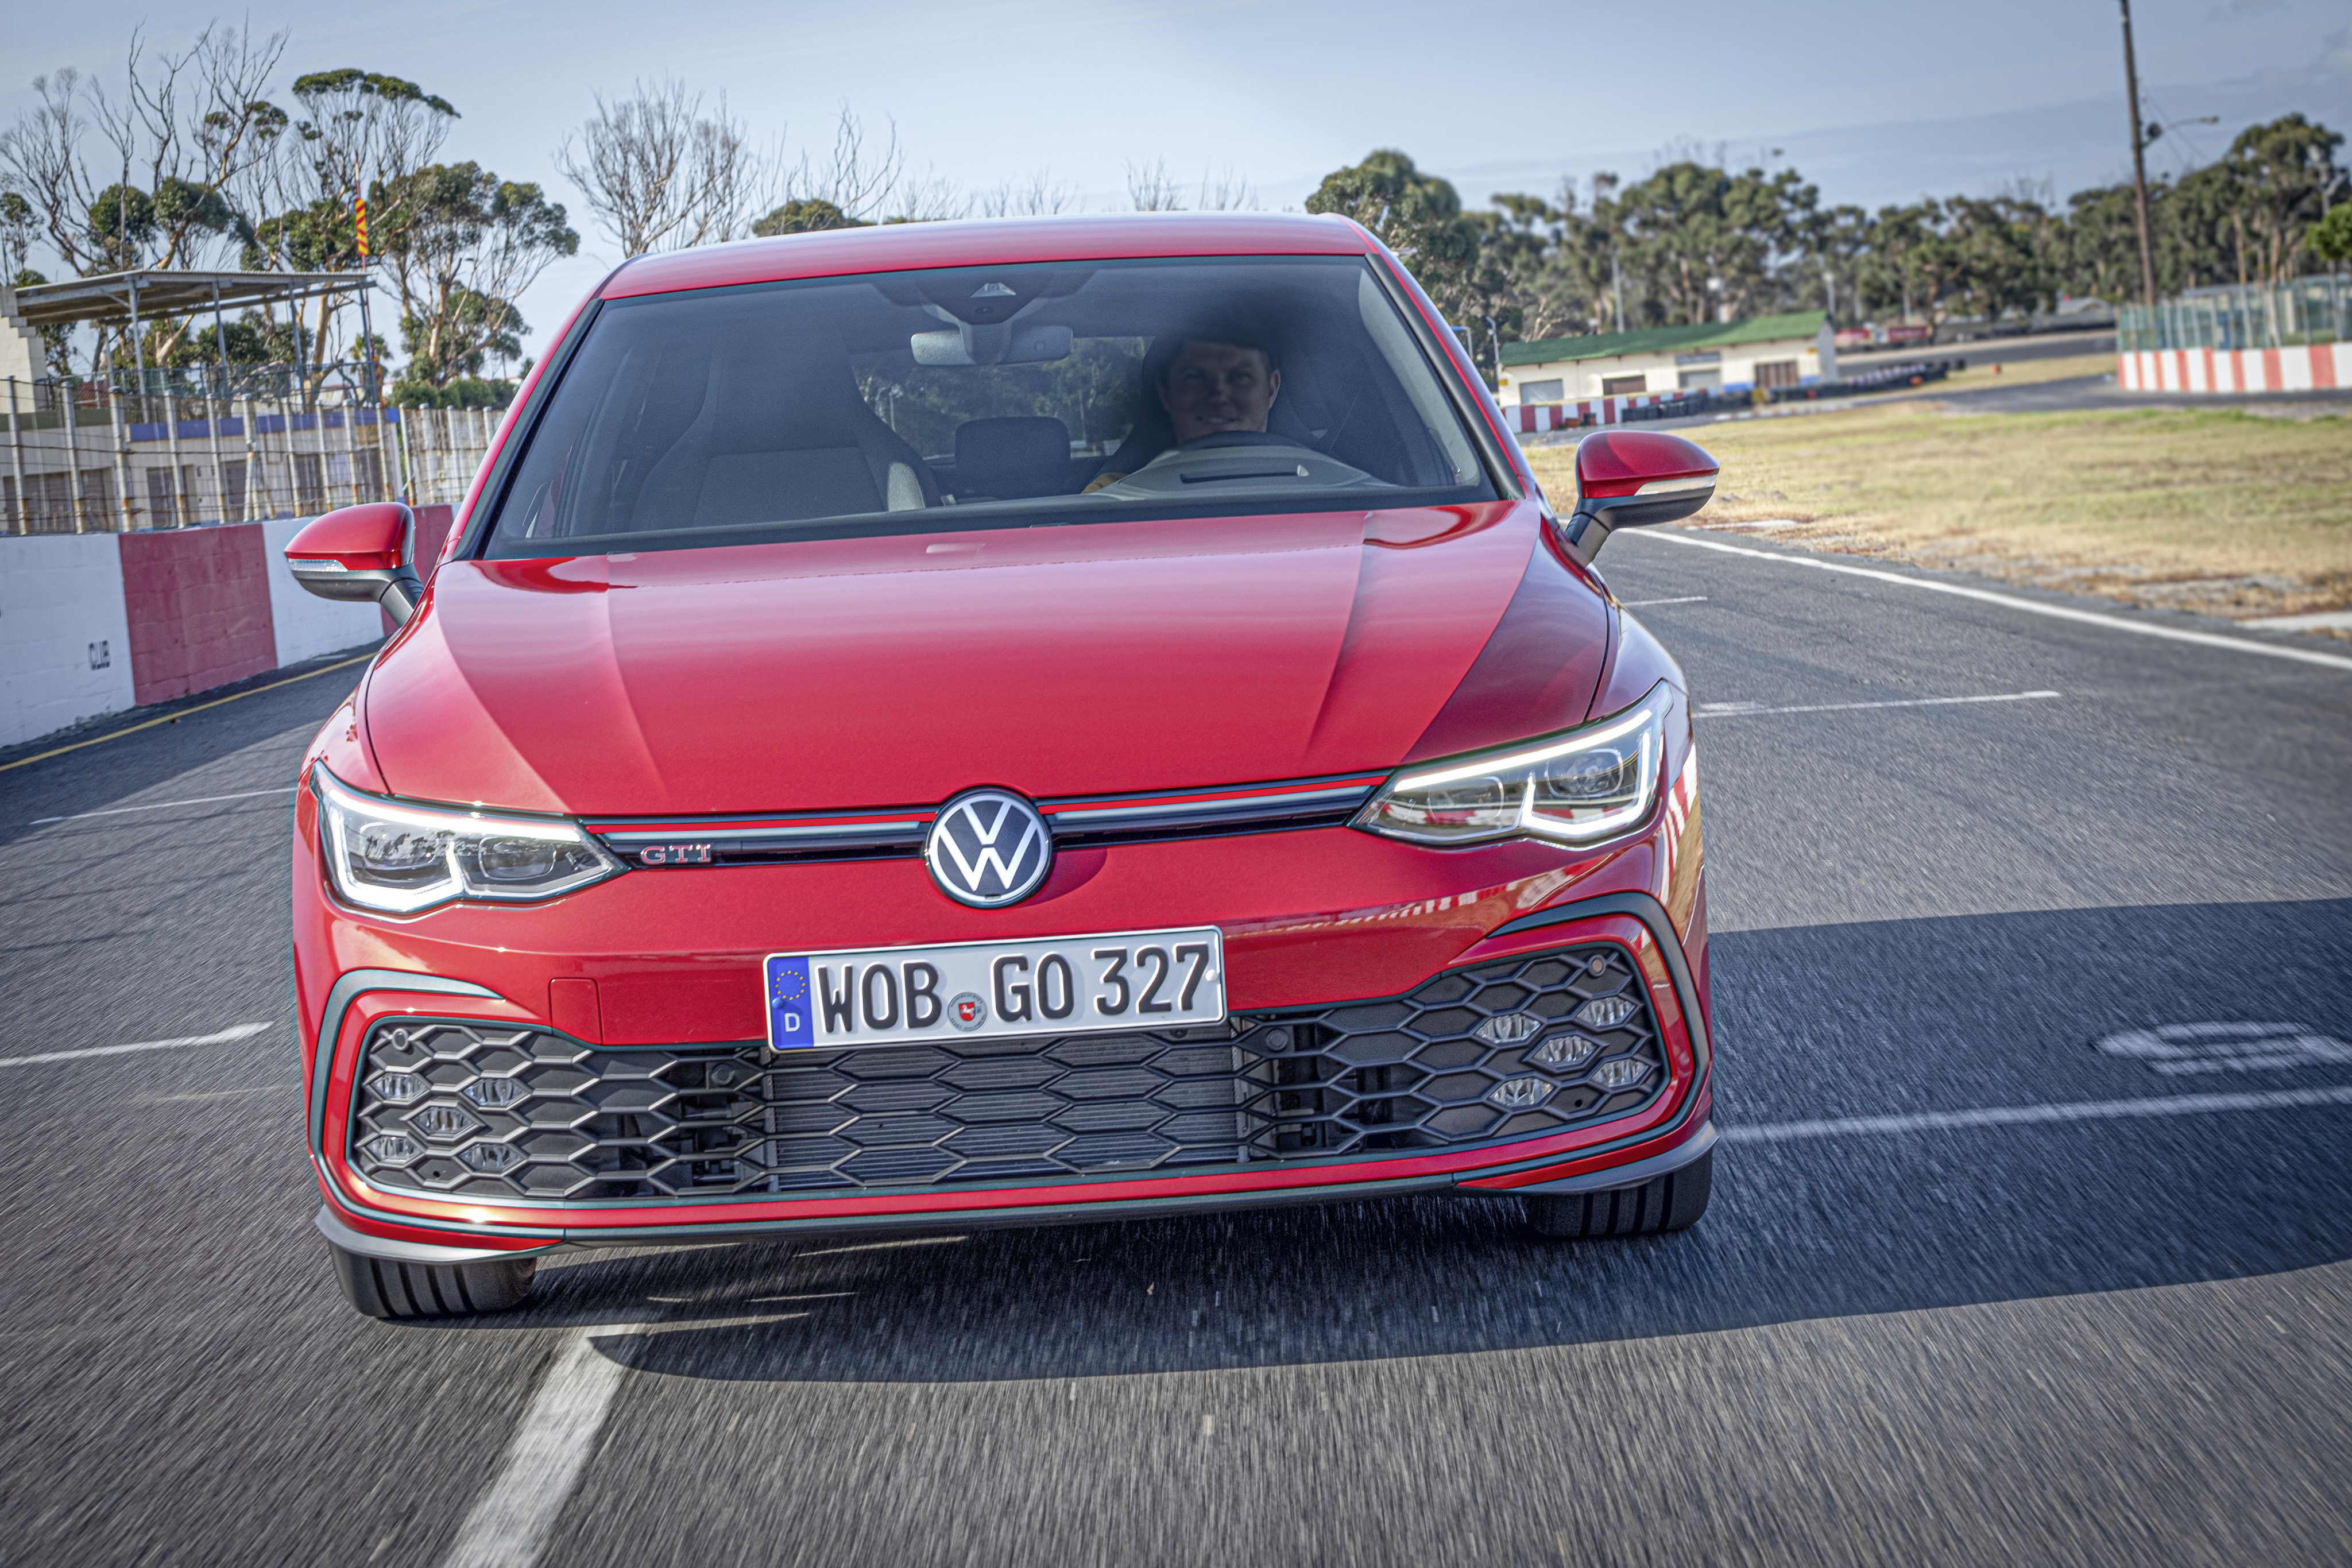 The new Volkswagen GTI